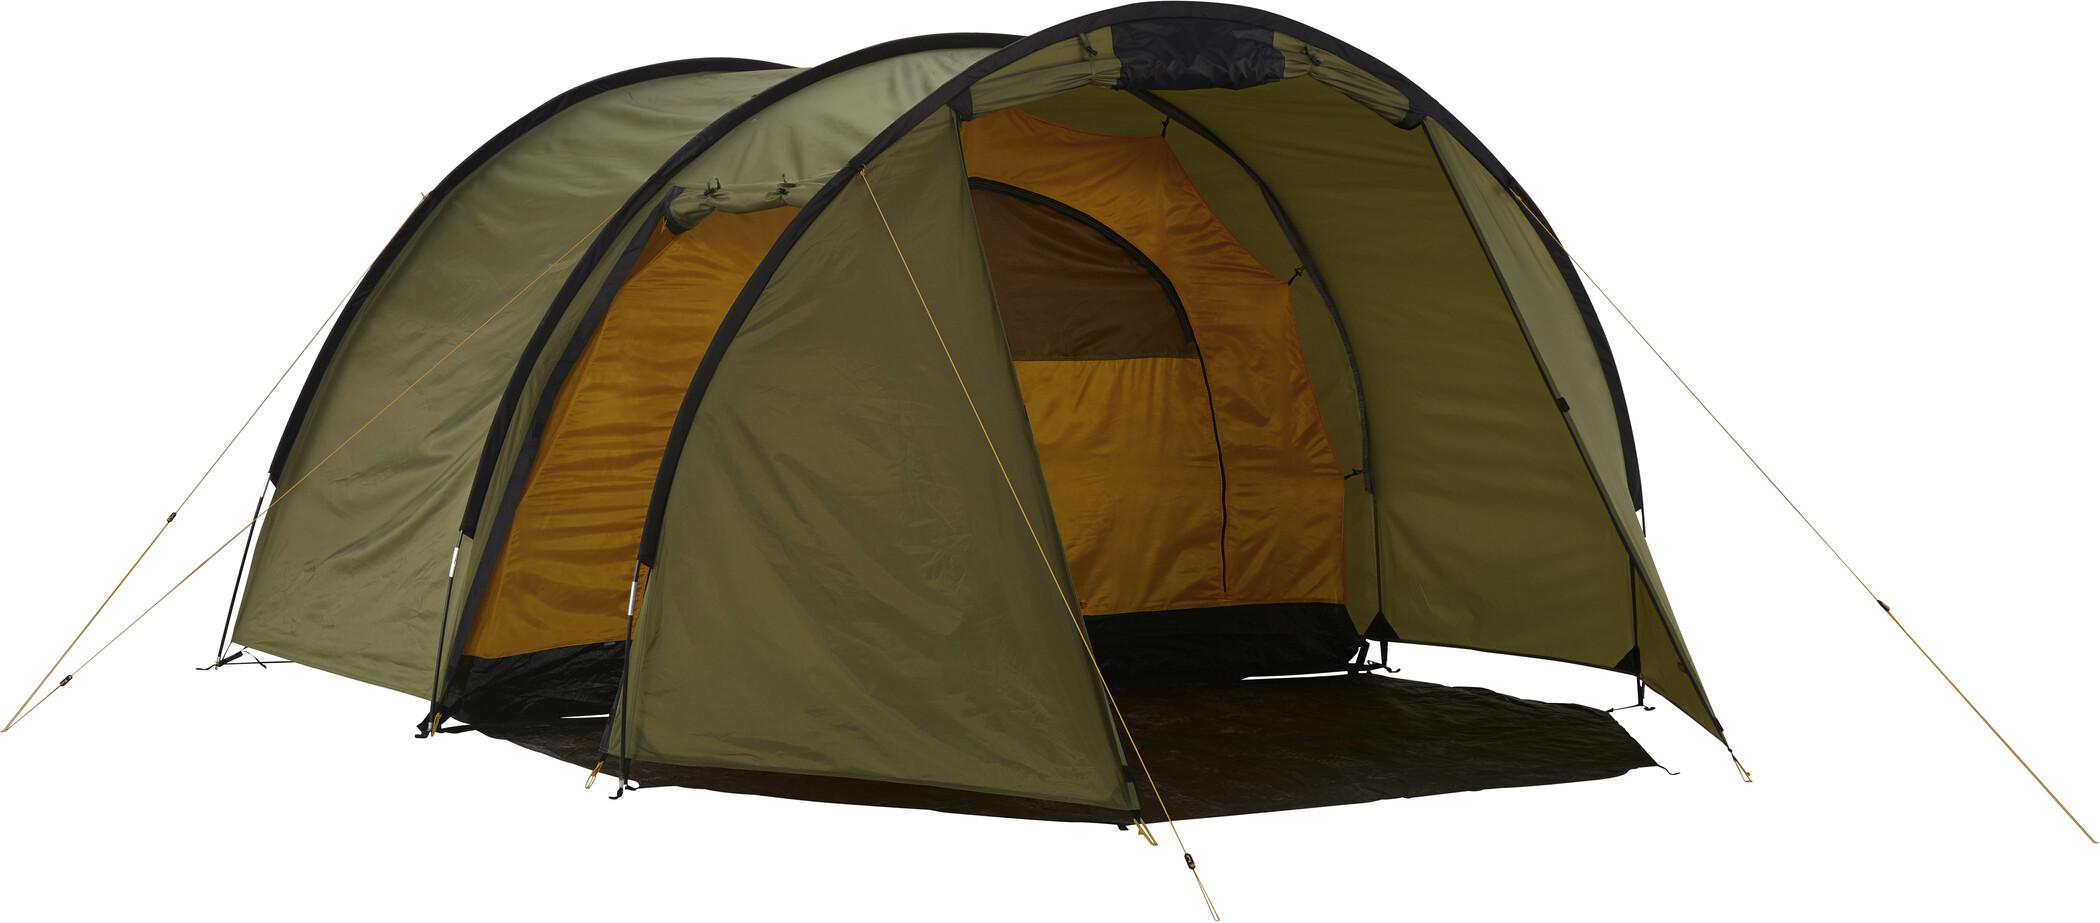 Doppeldach Zelt Preisvergleich • Die besten Angebote online